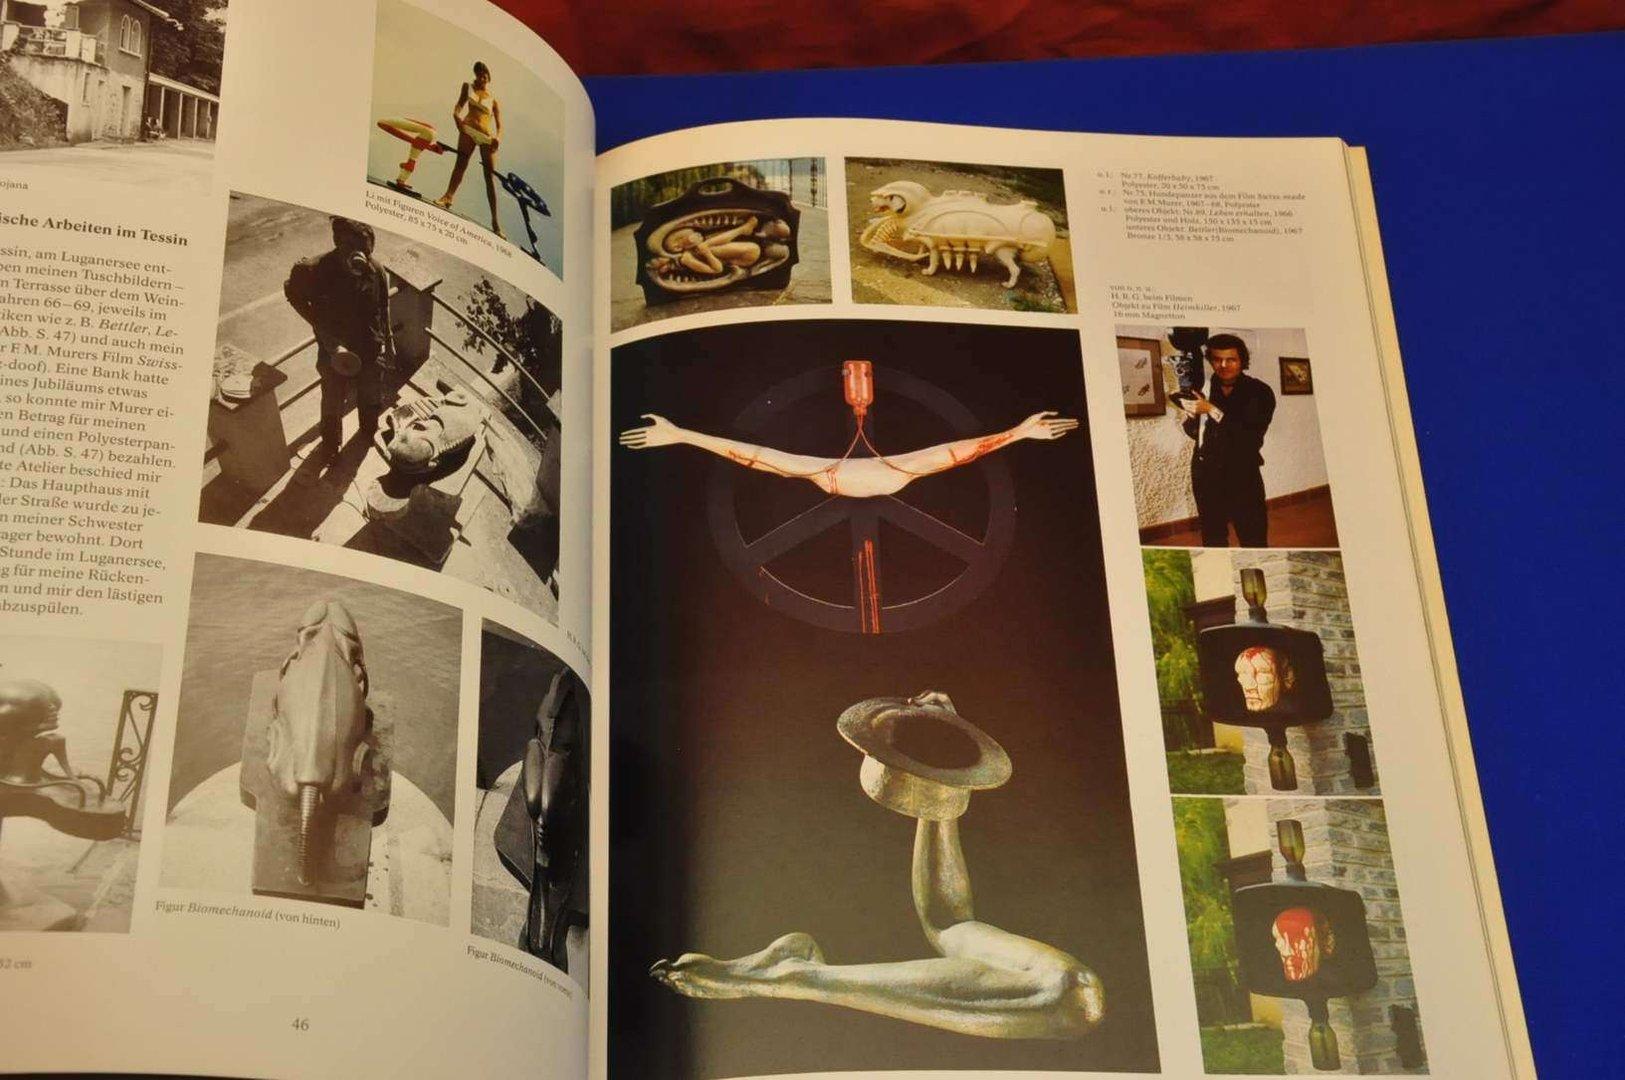 hr giger arh taschen verlag 1991 bei kusera kaufen. Black Bedroom Furniture Sets. Home Design Ideas